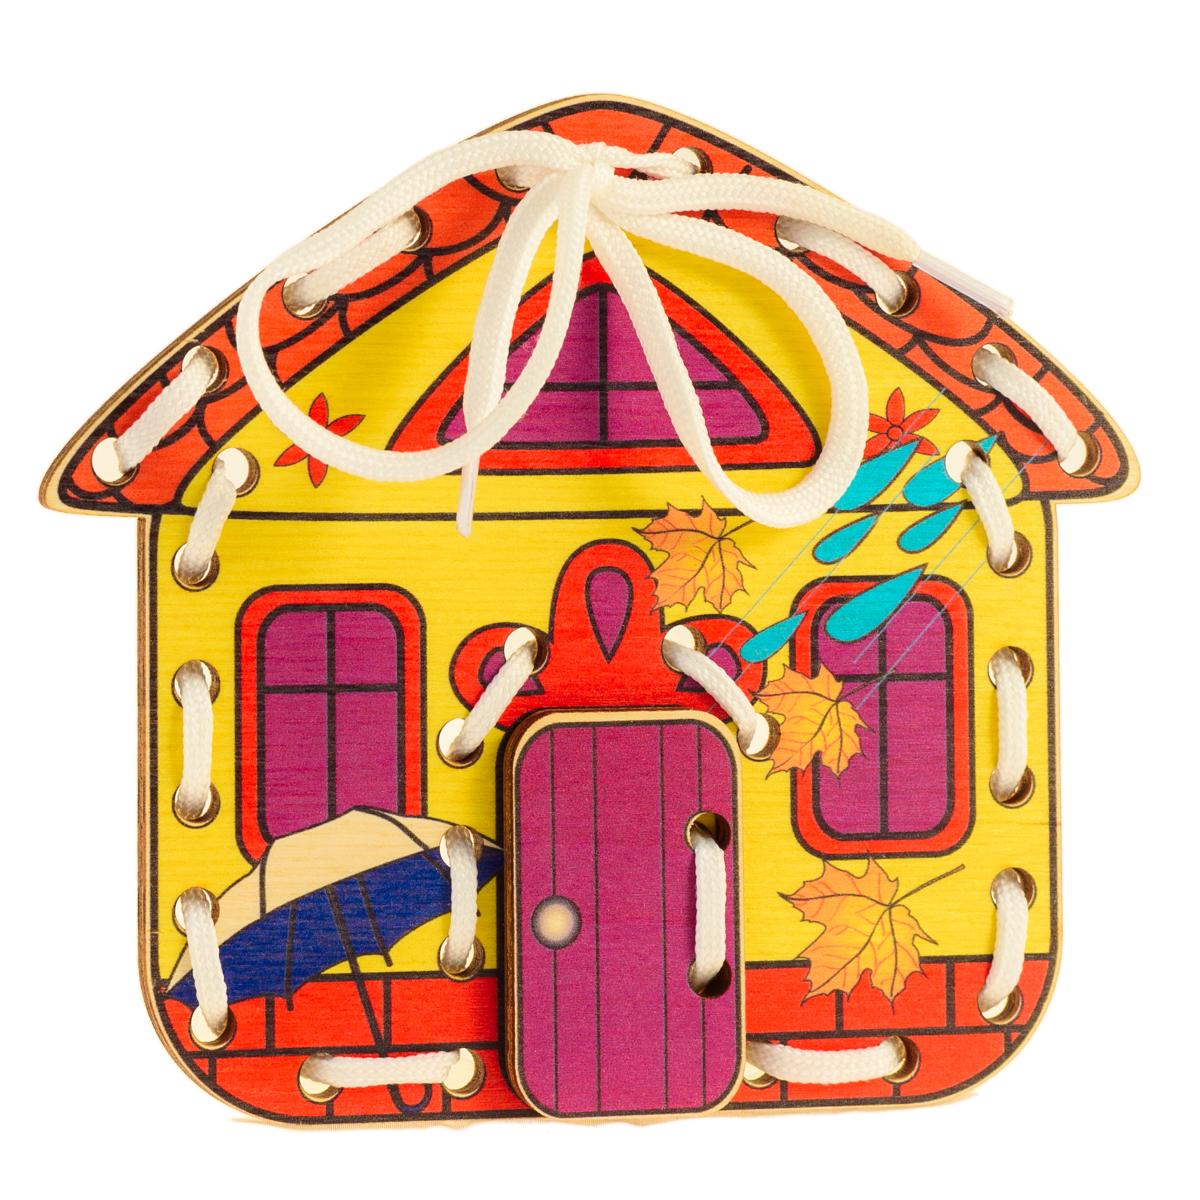 Развивающие деревянные игрушки Шнуровка Домик Времена года ОсеньД517аШнуровка из качественных деревоматериалов - прекрасная игрушка для развития ребенка. Шнуровка-домик из обработатнной фанеры непременно станет любимой игрушкой любопытного непоседы. Серия шнуровок ВРЕМЕНА ГОДА не только послужит незаменимым пособием для развития моторики ребенка, но и познакомит его с окружающим миром. Насыщенные цвета и разнообразные формы будут стимулировать детское воображение и фантазию, развивать внимание, цветовое восприятие, моторику и координацию. А после того, как ребенок зашнурует домик, можно будет поиграть с домиком, открывая и закрывая дверь. ВНИМАНИЕ! Детали игрушки выполнены из натурального дерева (деревоматериала) без покрытия лаками или другими химическими составами. Перед использованием удалите остатки древесины и древесную пыль, тщательно протерев детали игрушки мягкой тканью!